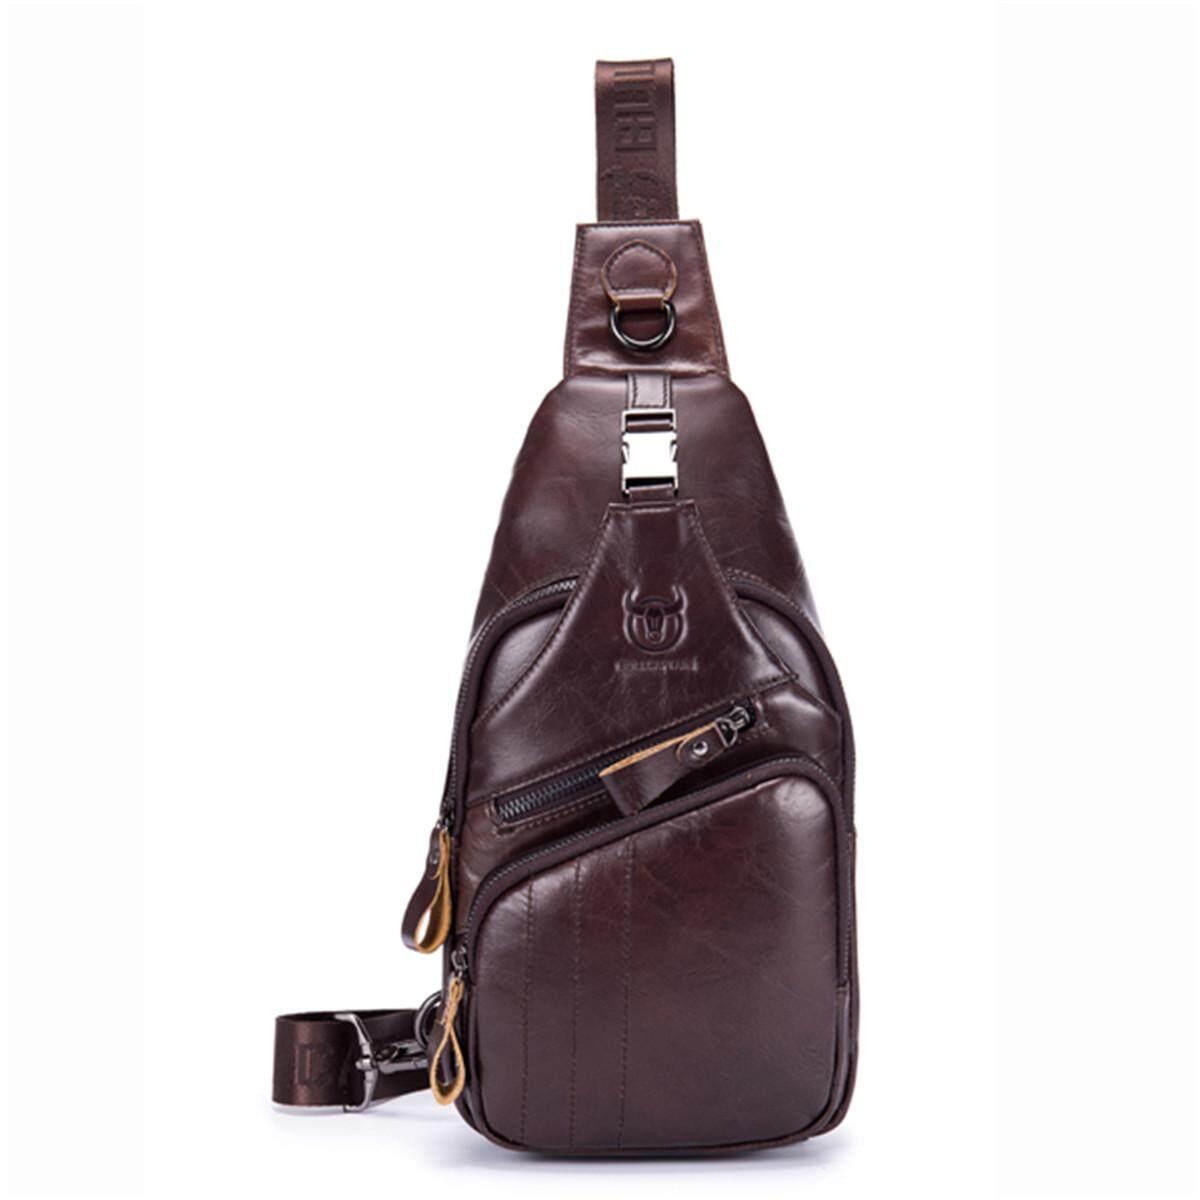 Leather Sling Bag for Men Vintage Chest Crossbody Bag For Men